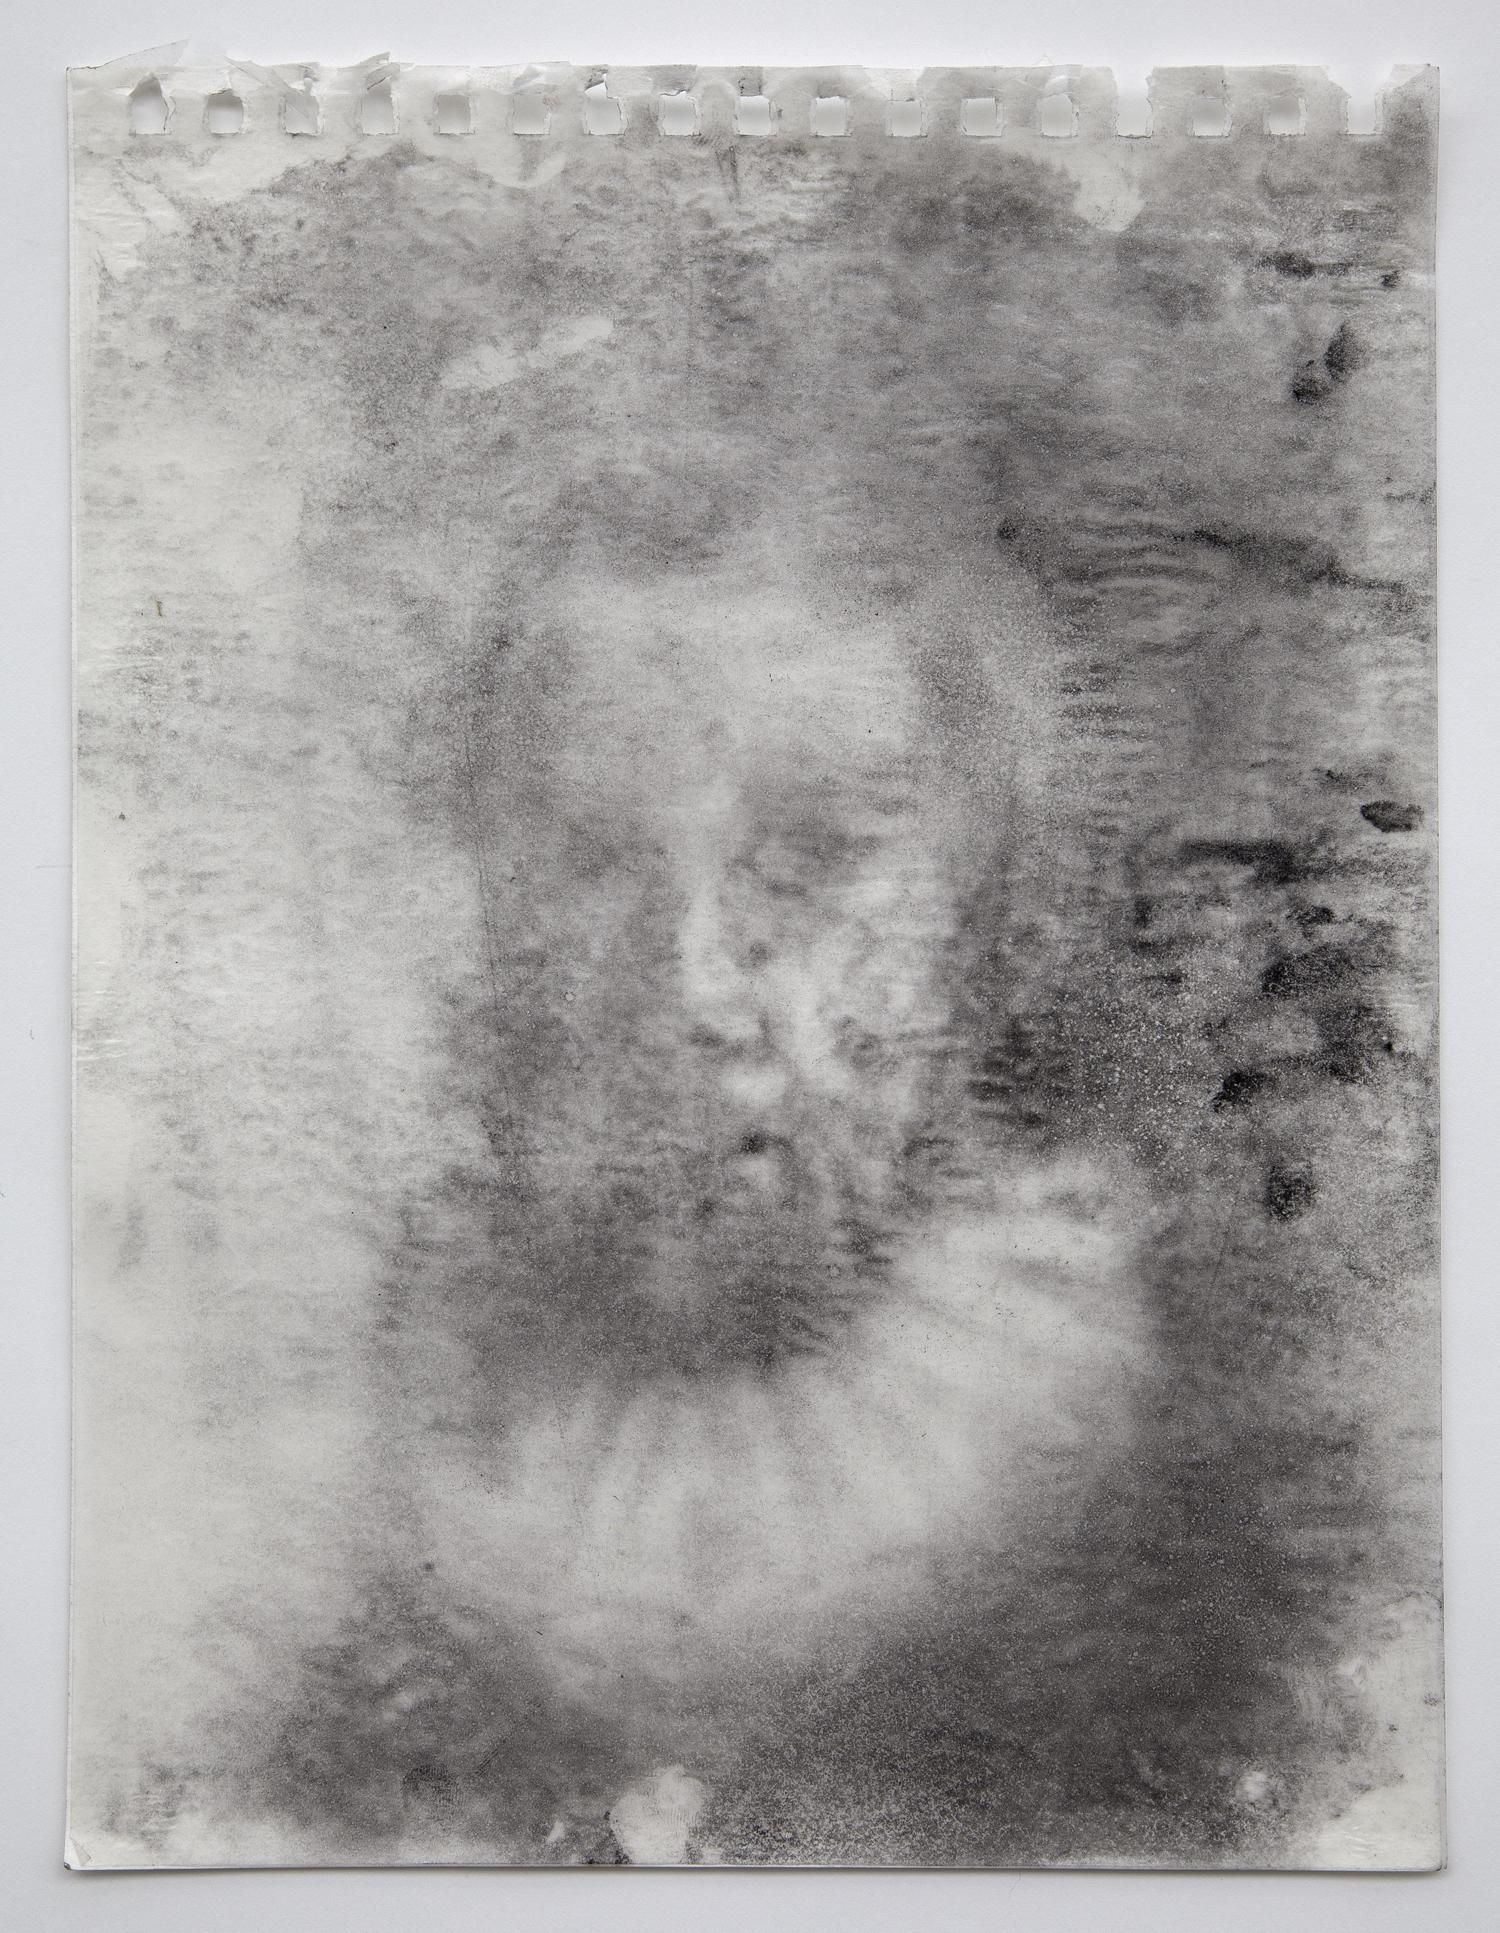 Interleaf Drawing (after Rembrandt), 2013